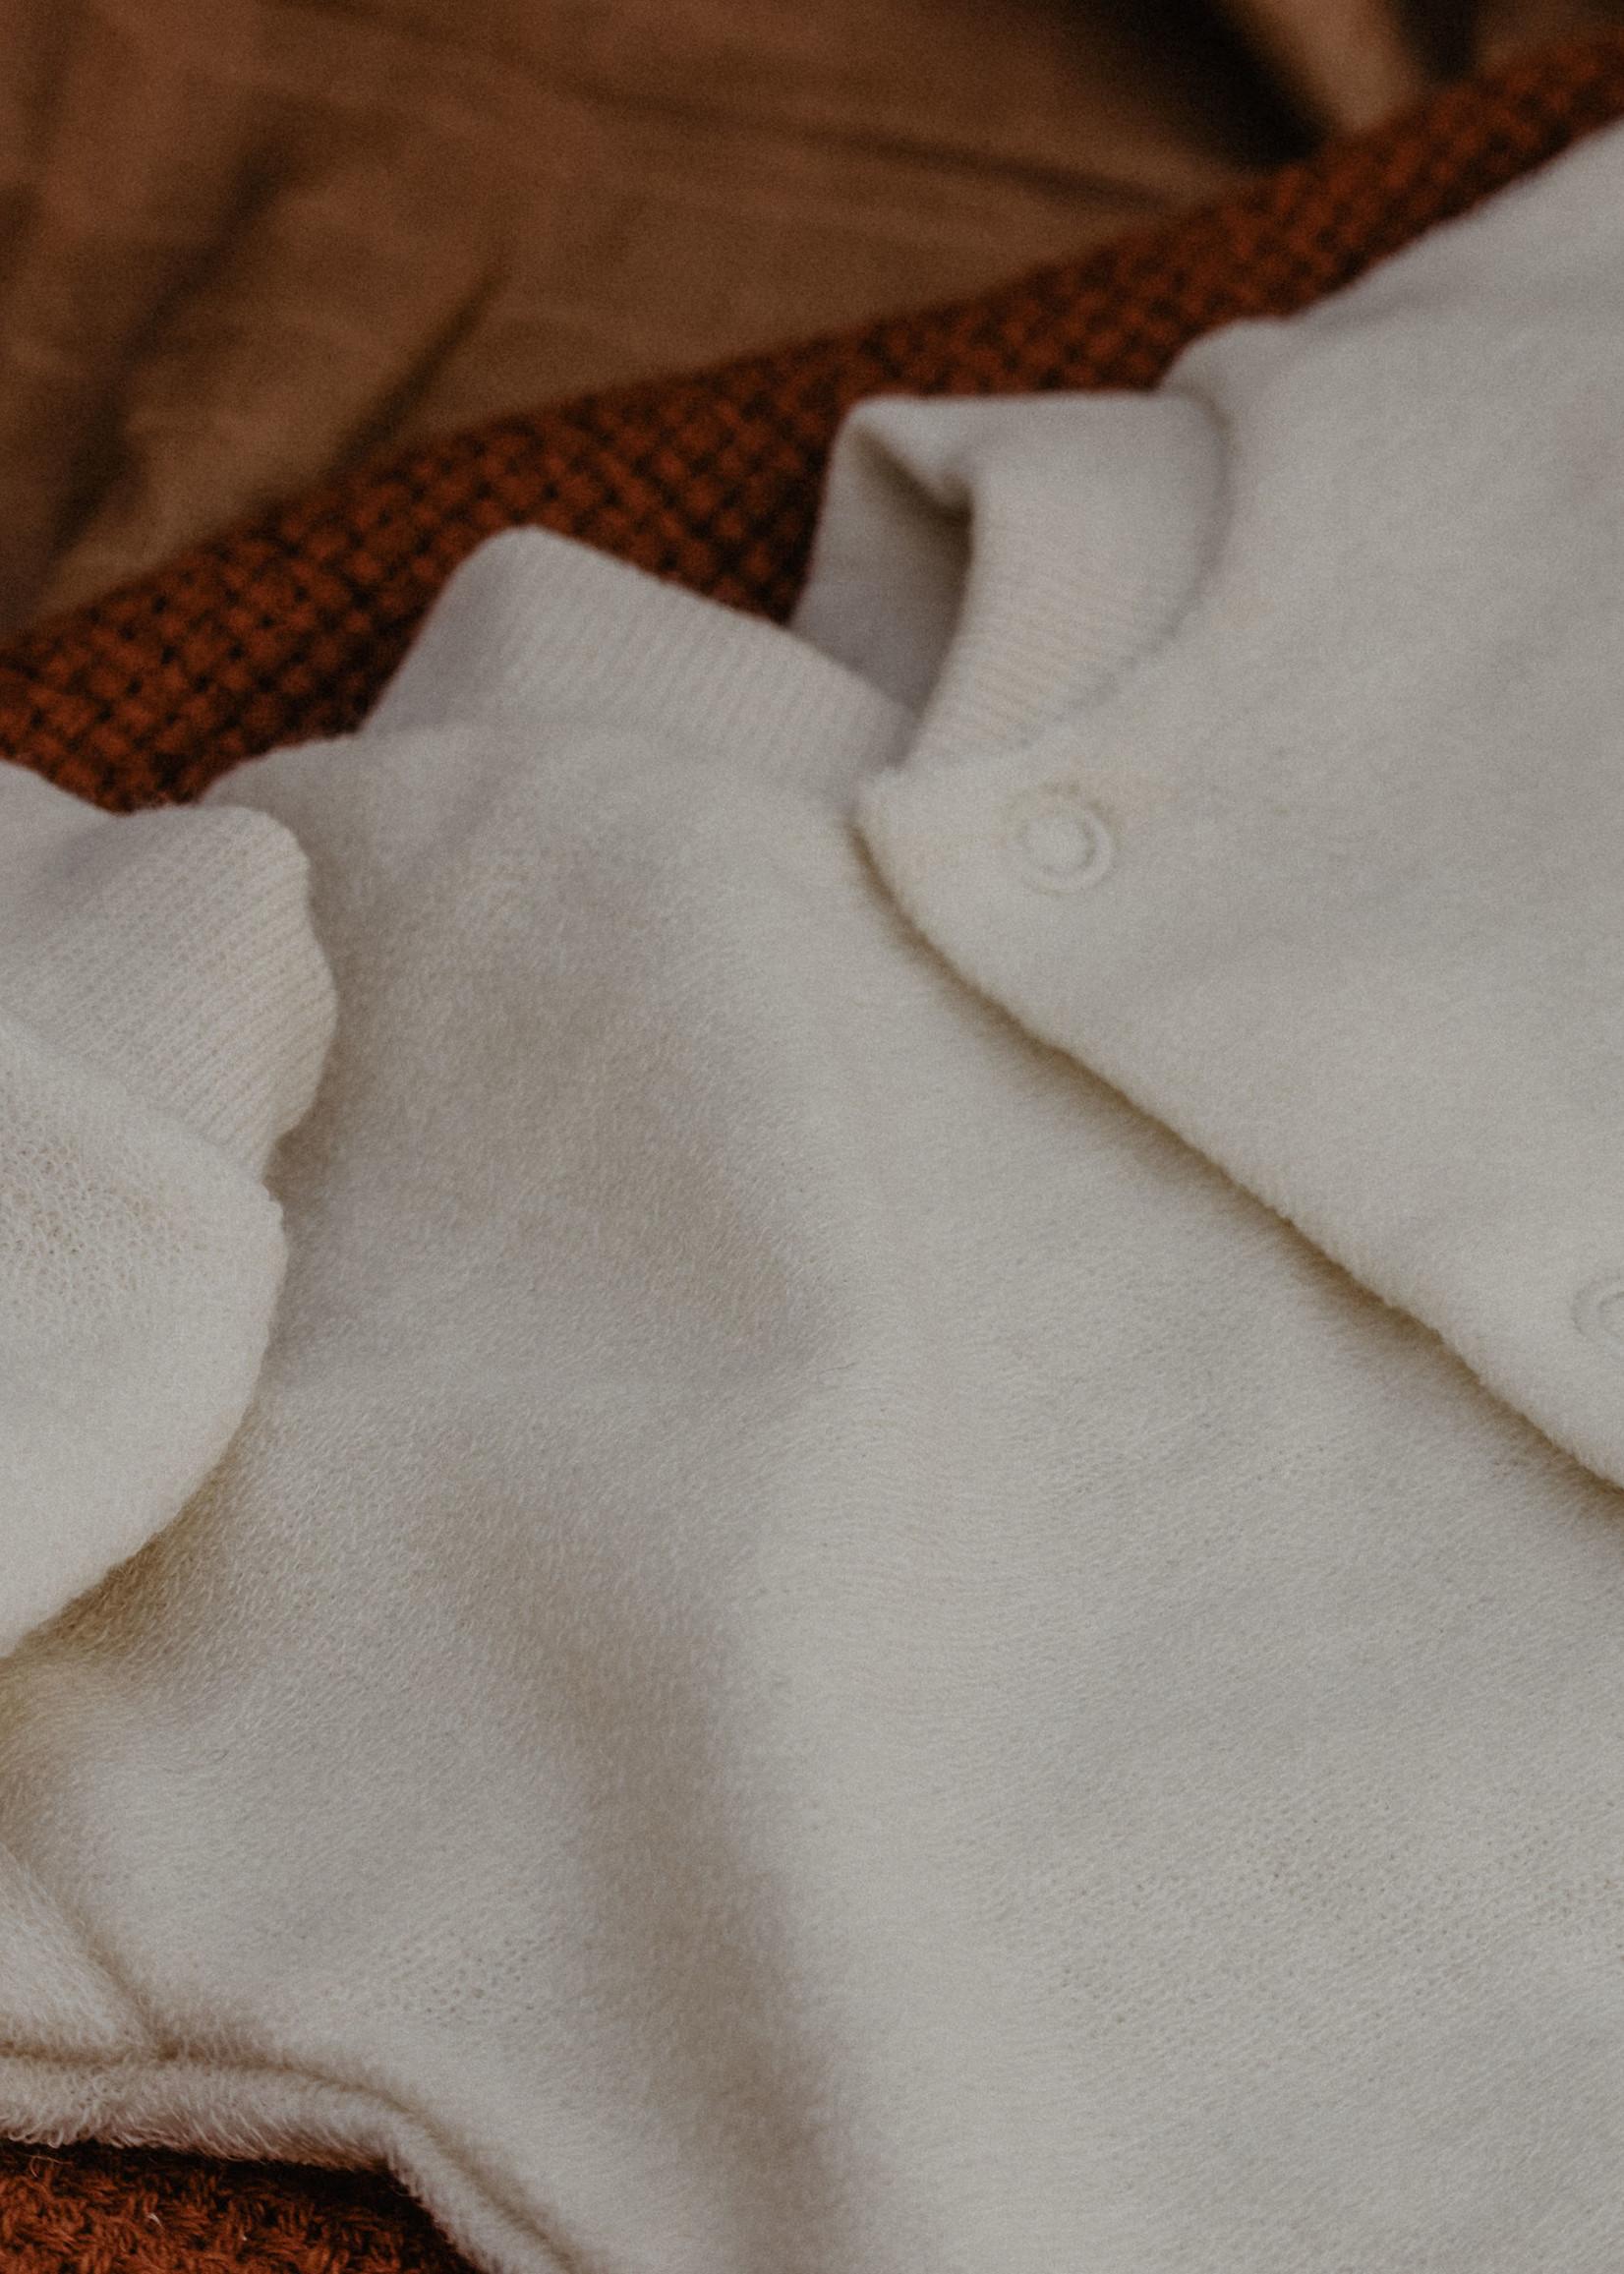 Cosilana One-Piece Pajamas - 100% Soft Organic Merino Wool